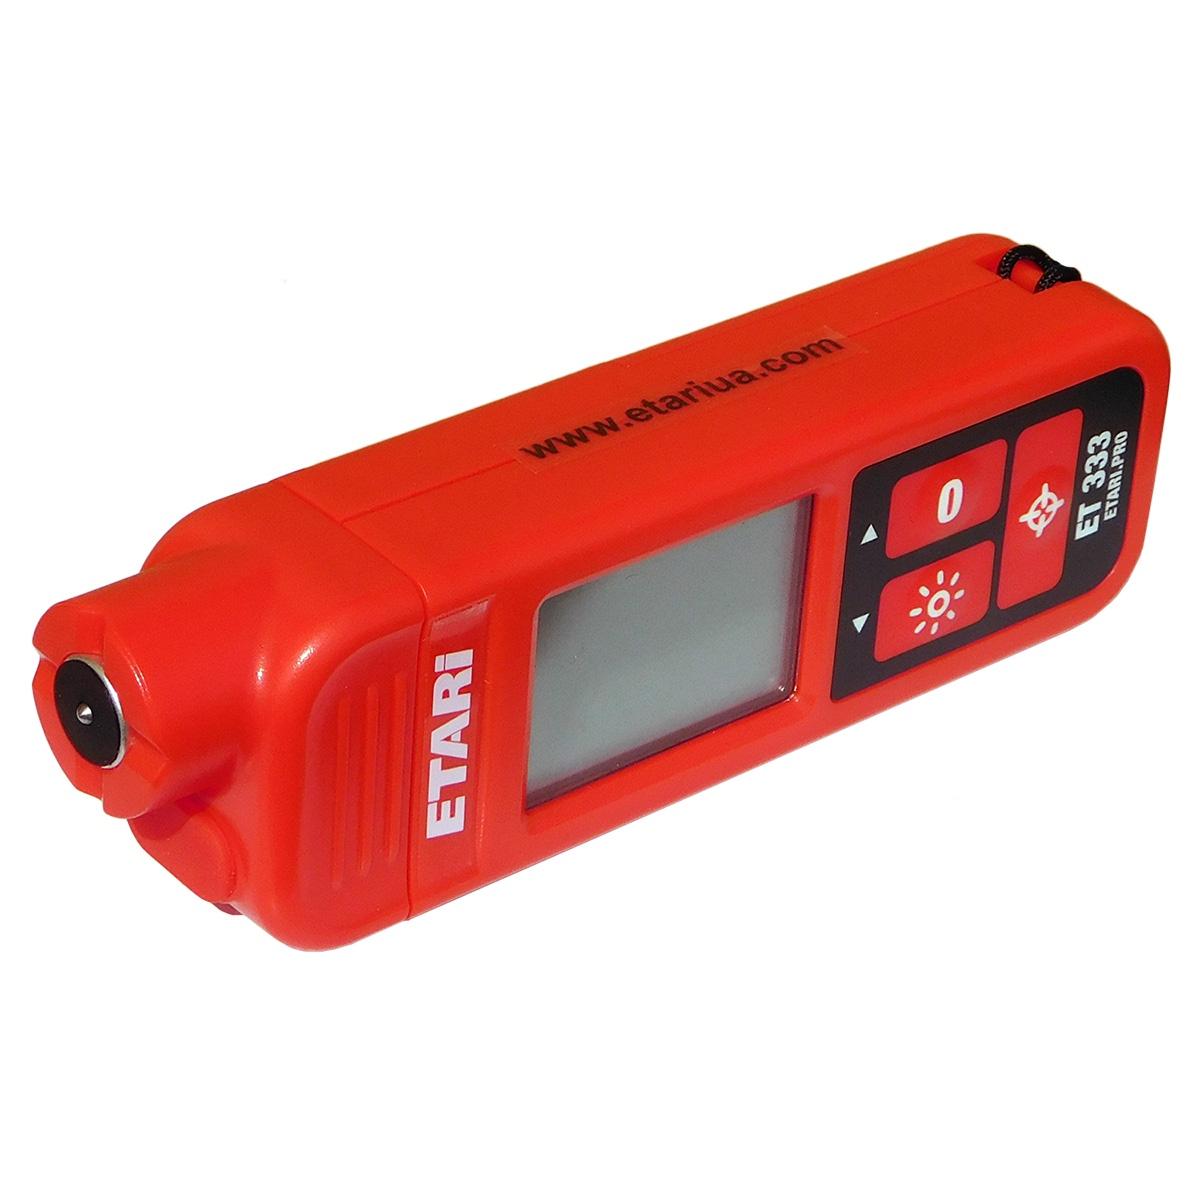 Толщиномер Etari ET-333 толщиномер лакокрасочного покрытия etari ет 600 батарейки в подарок